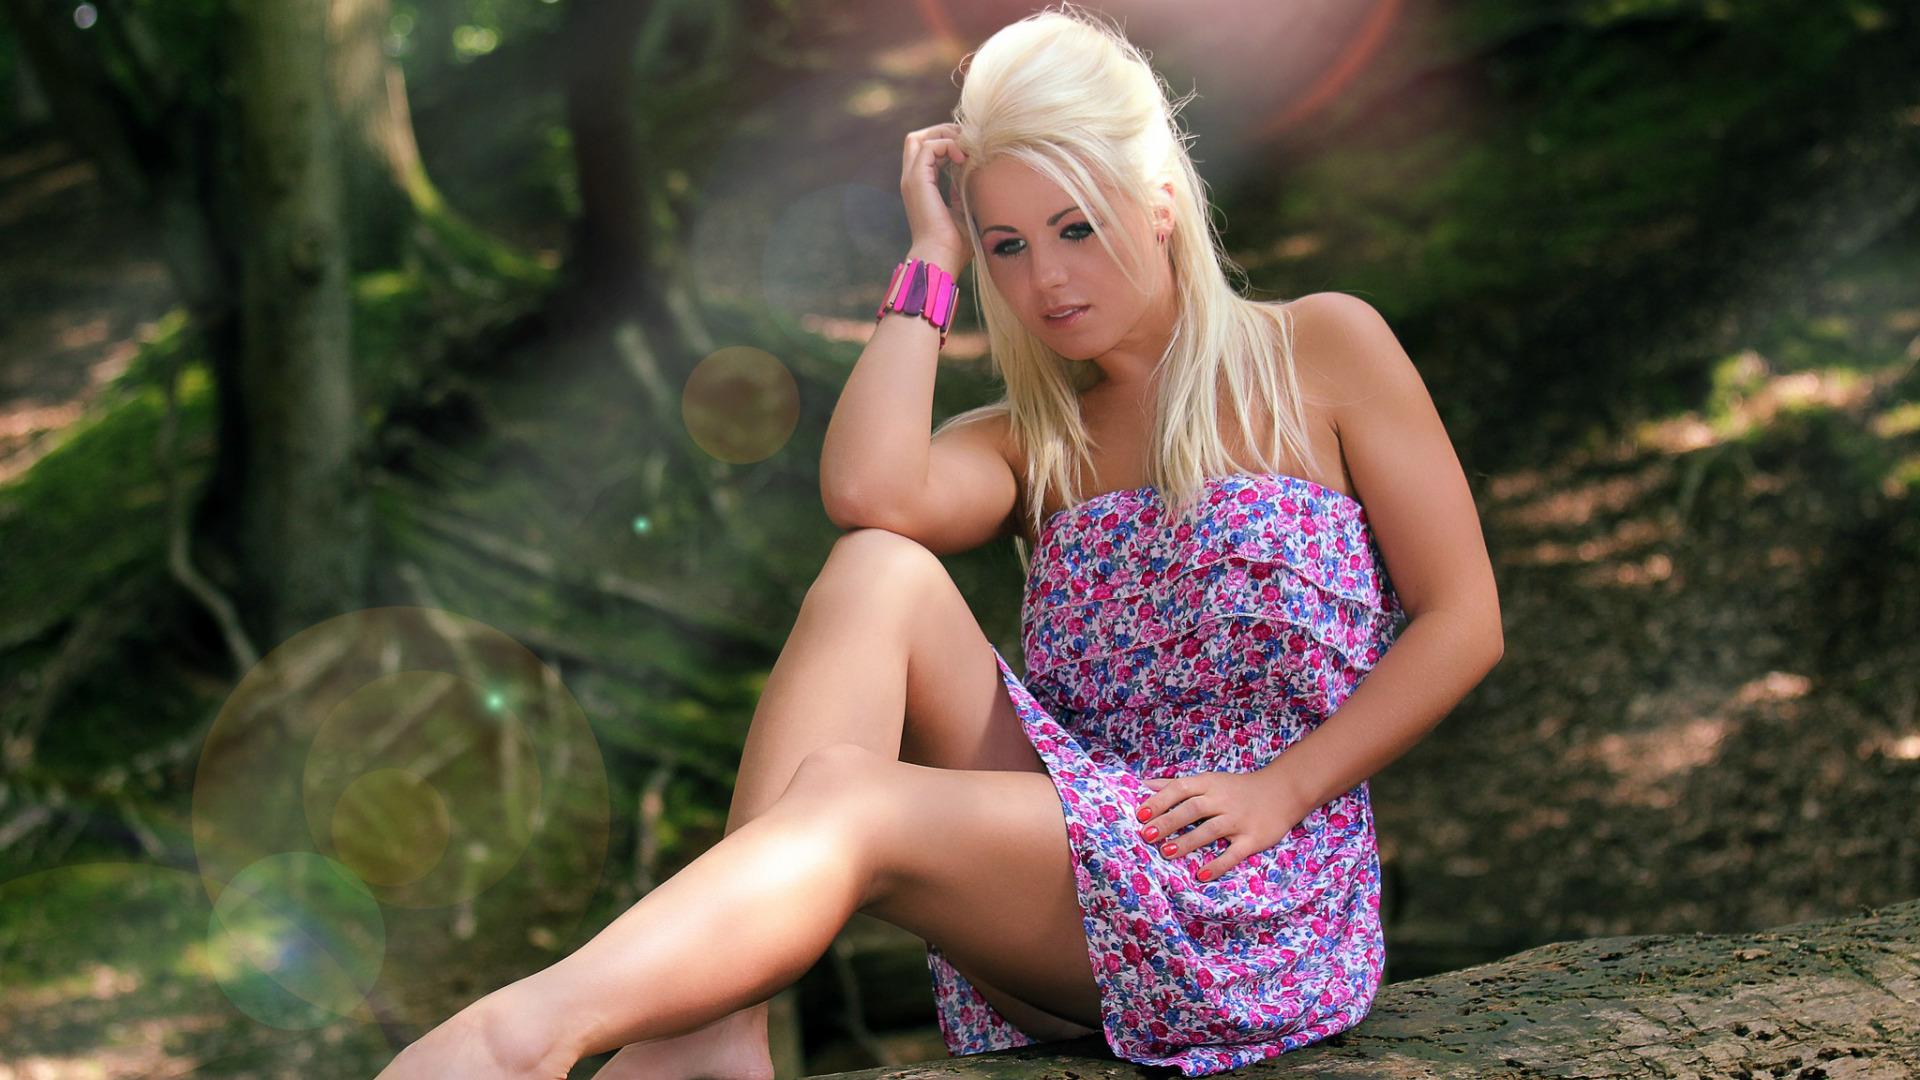 Блондинка в лесу фото